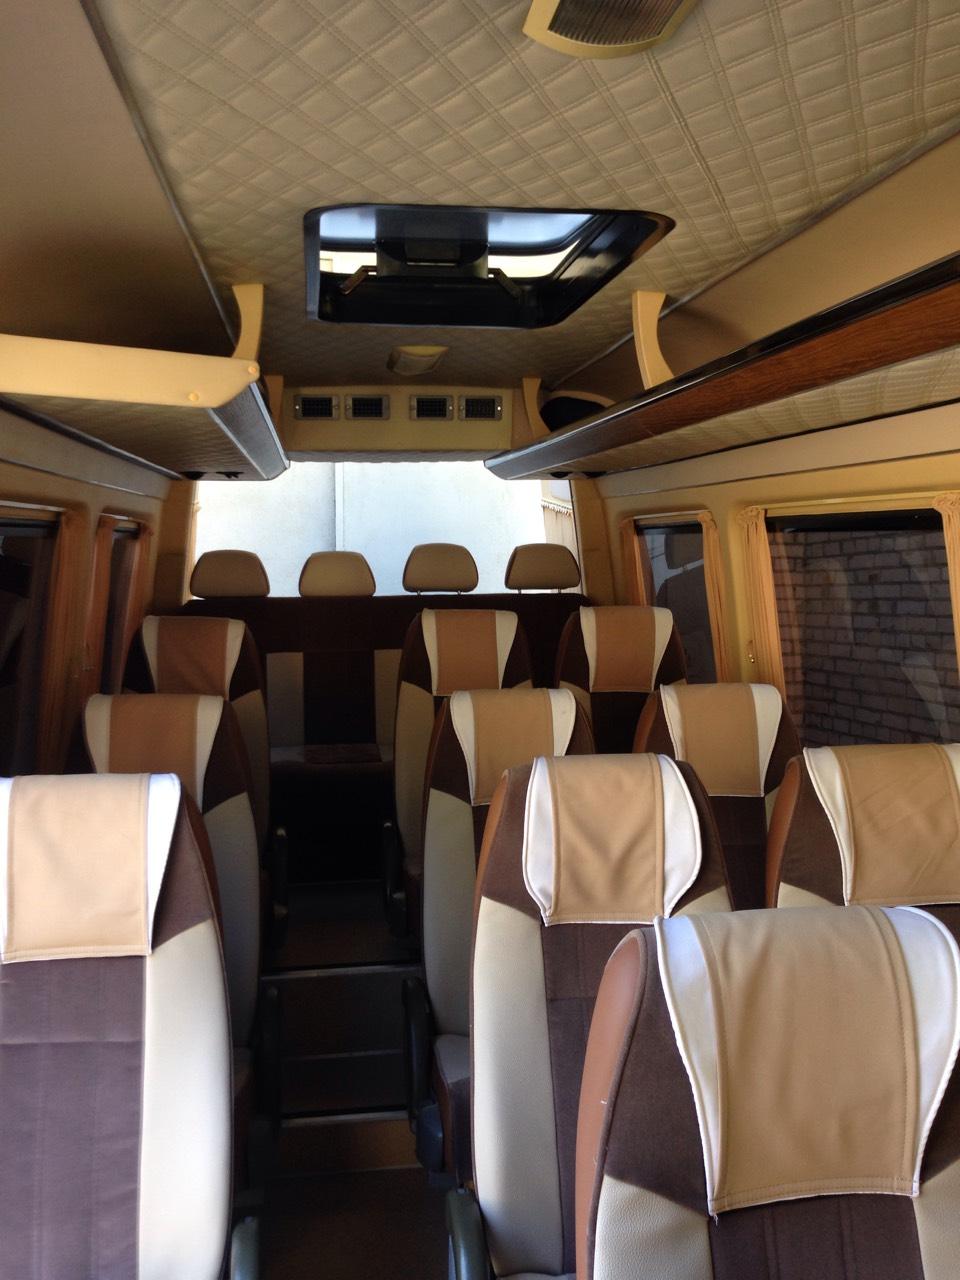 Аренда микроавтобуса киев недорого Mercedes Sprinter